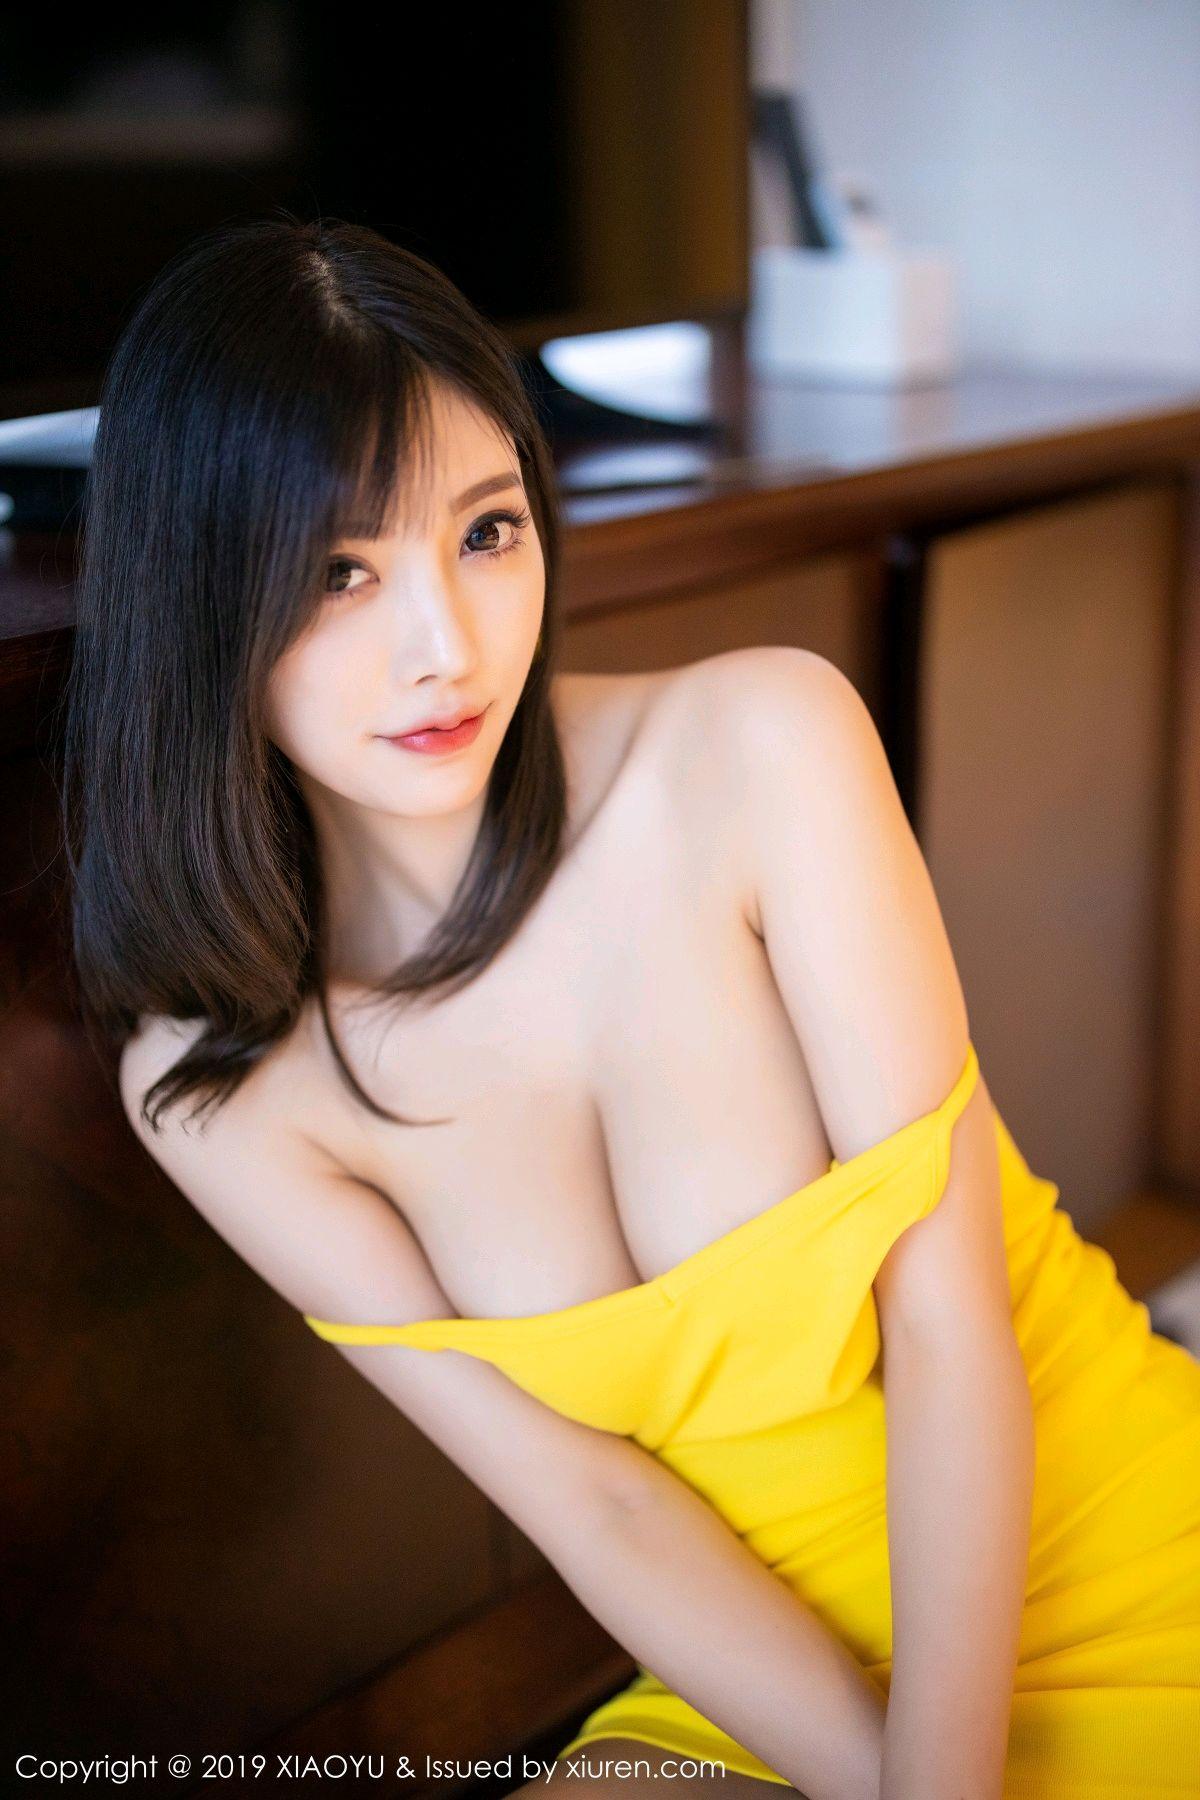 [XiaoYu] VOL.204 Yang Chen Chen 43P, Pure, XiaoYu, Yang Chen Chen